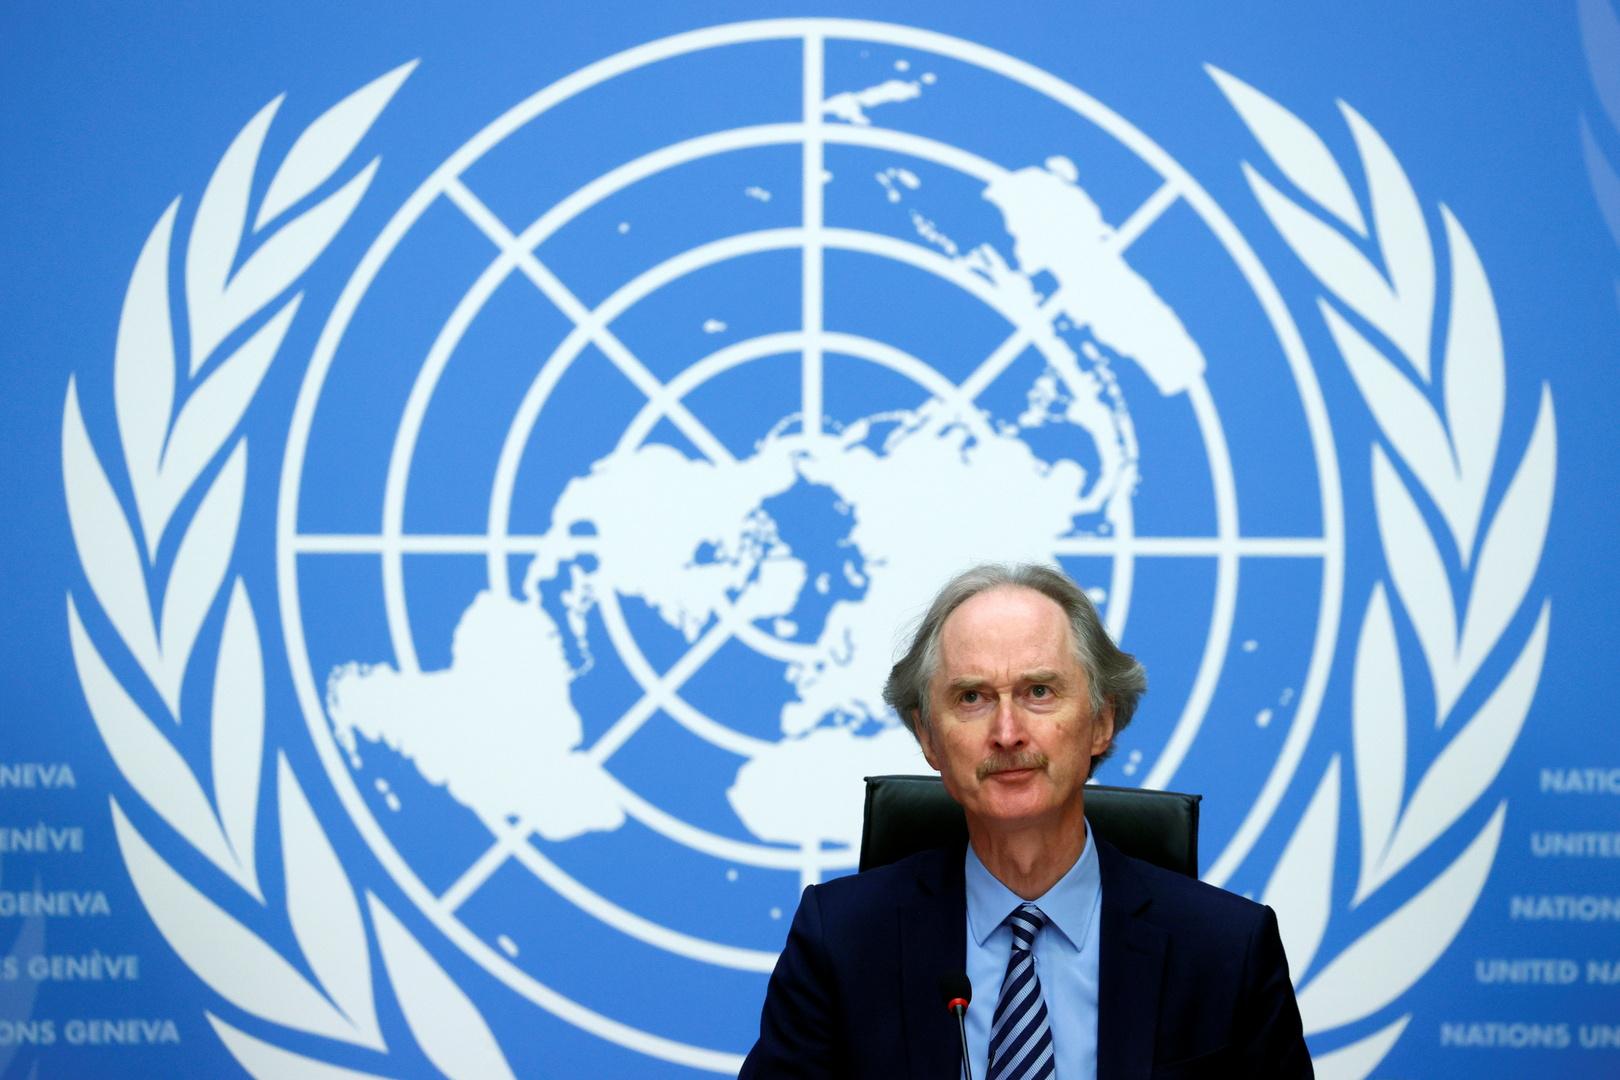 الأمم المتحدة تعلن بدء العمل على مشروع إصلاح دستوري في سوريا